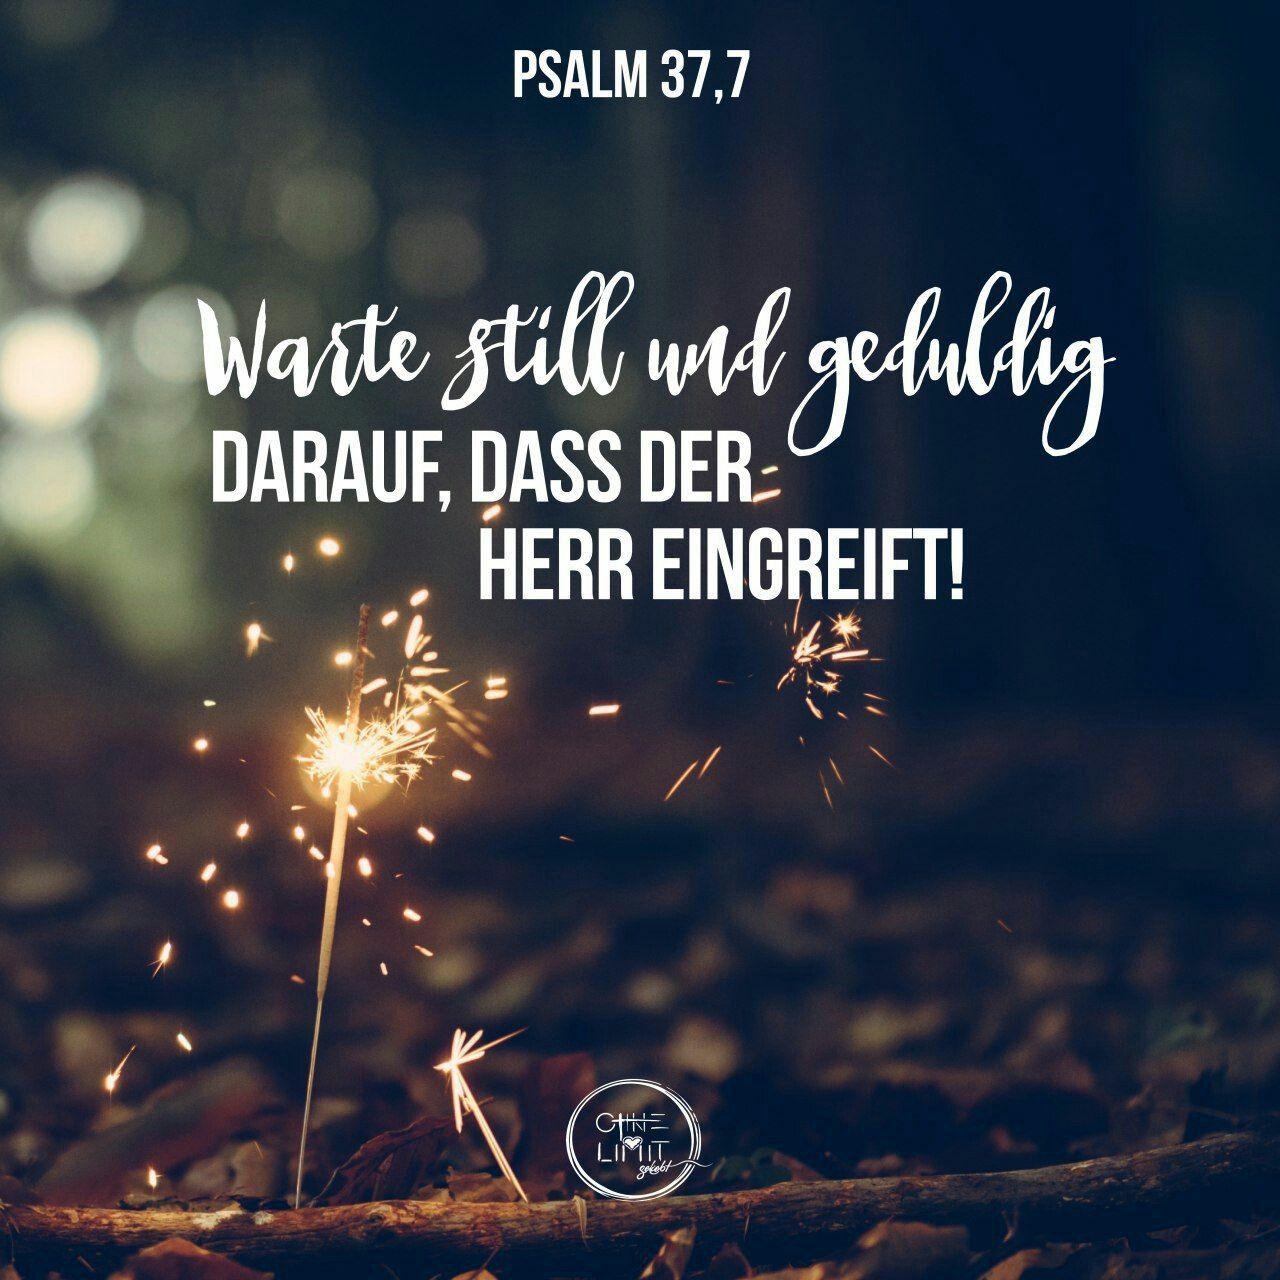 Christliche Zitate Christliche Spruche Bibelvers Zitate Bibelverse Spruche Zum Nachdenken Glaube Gott Weise Weisheiten